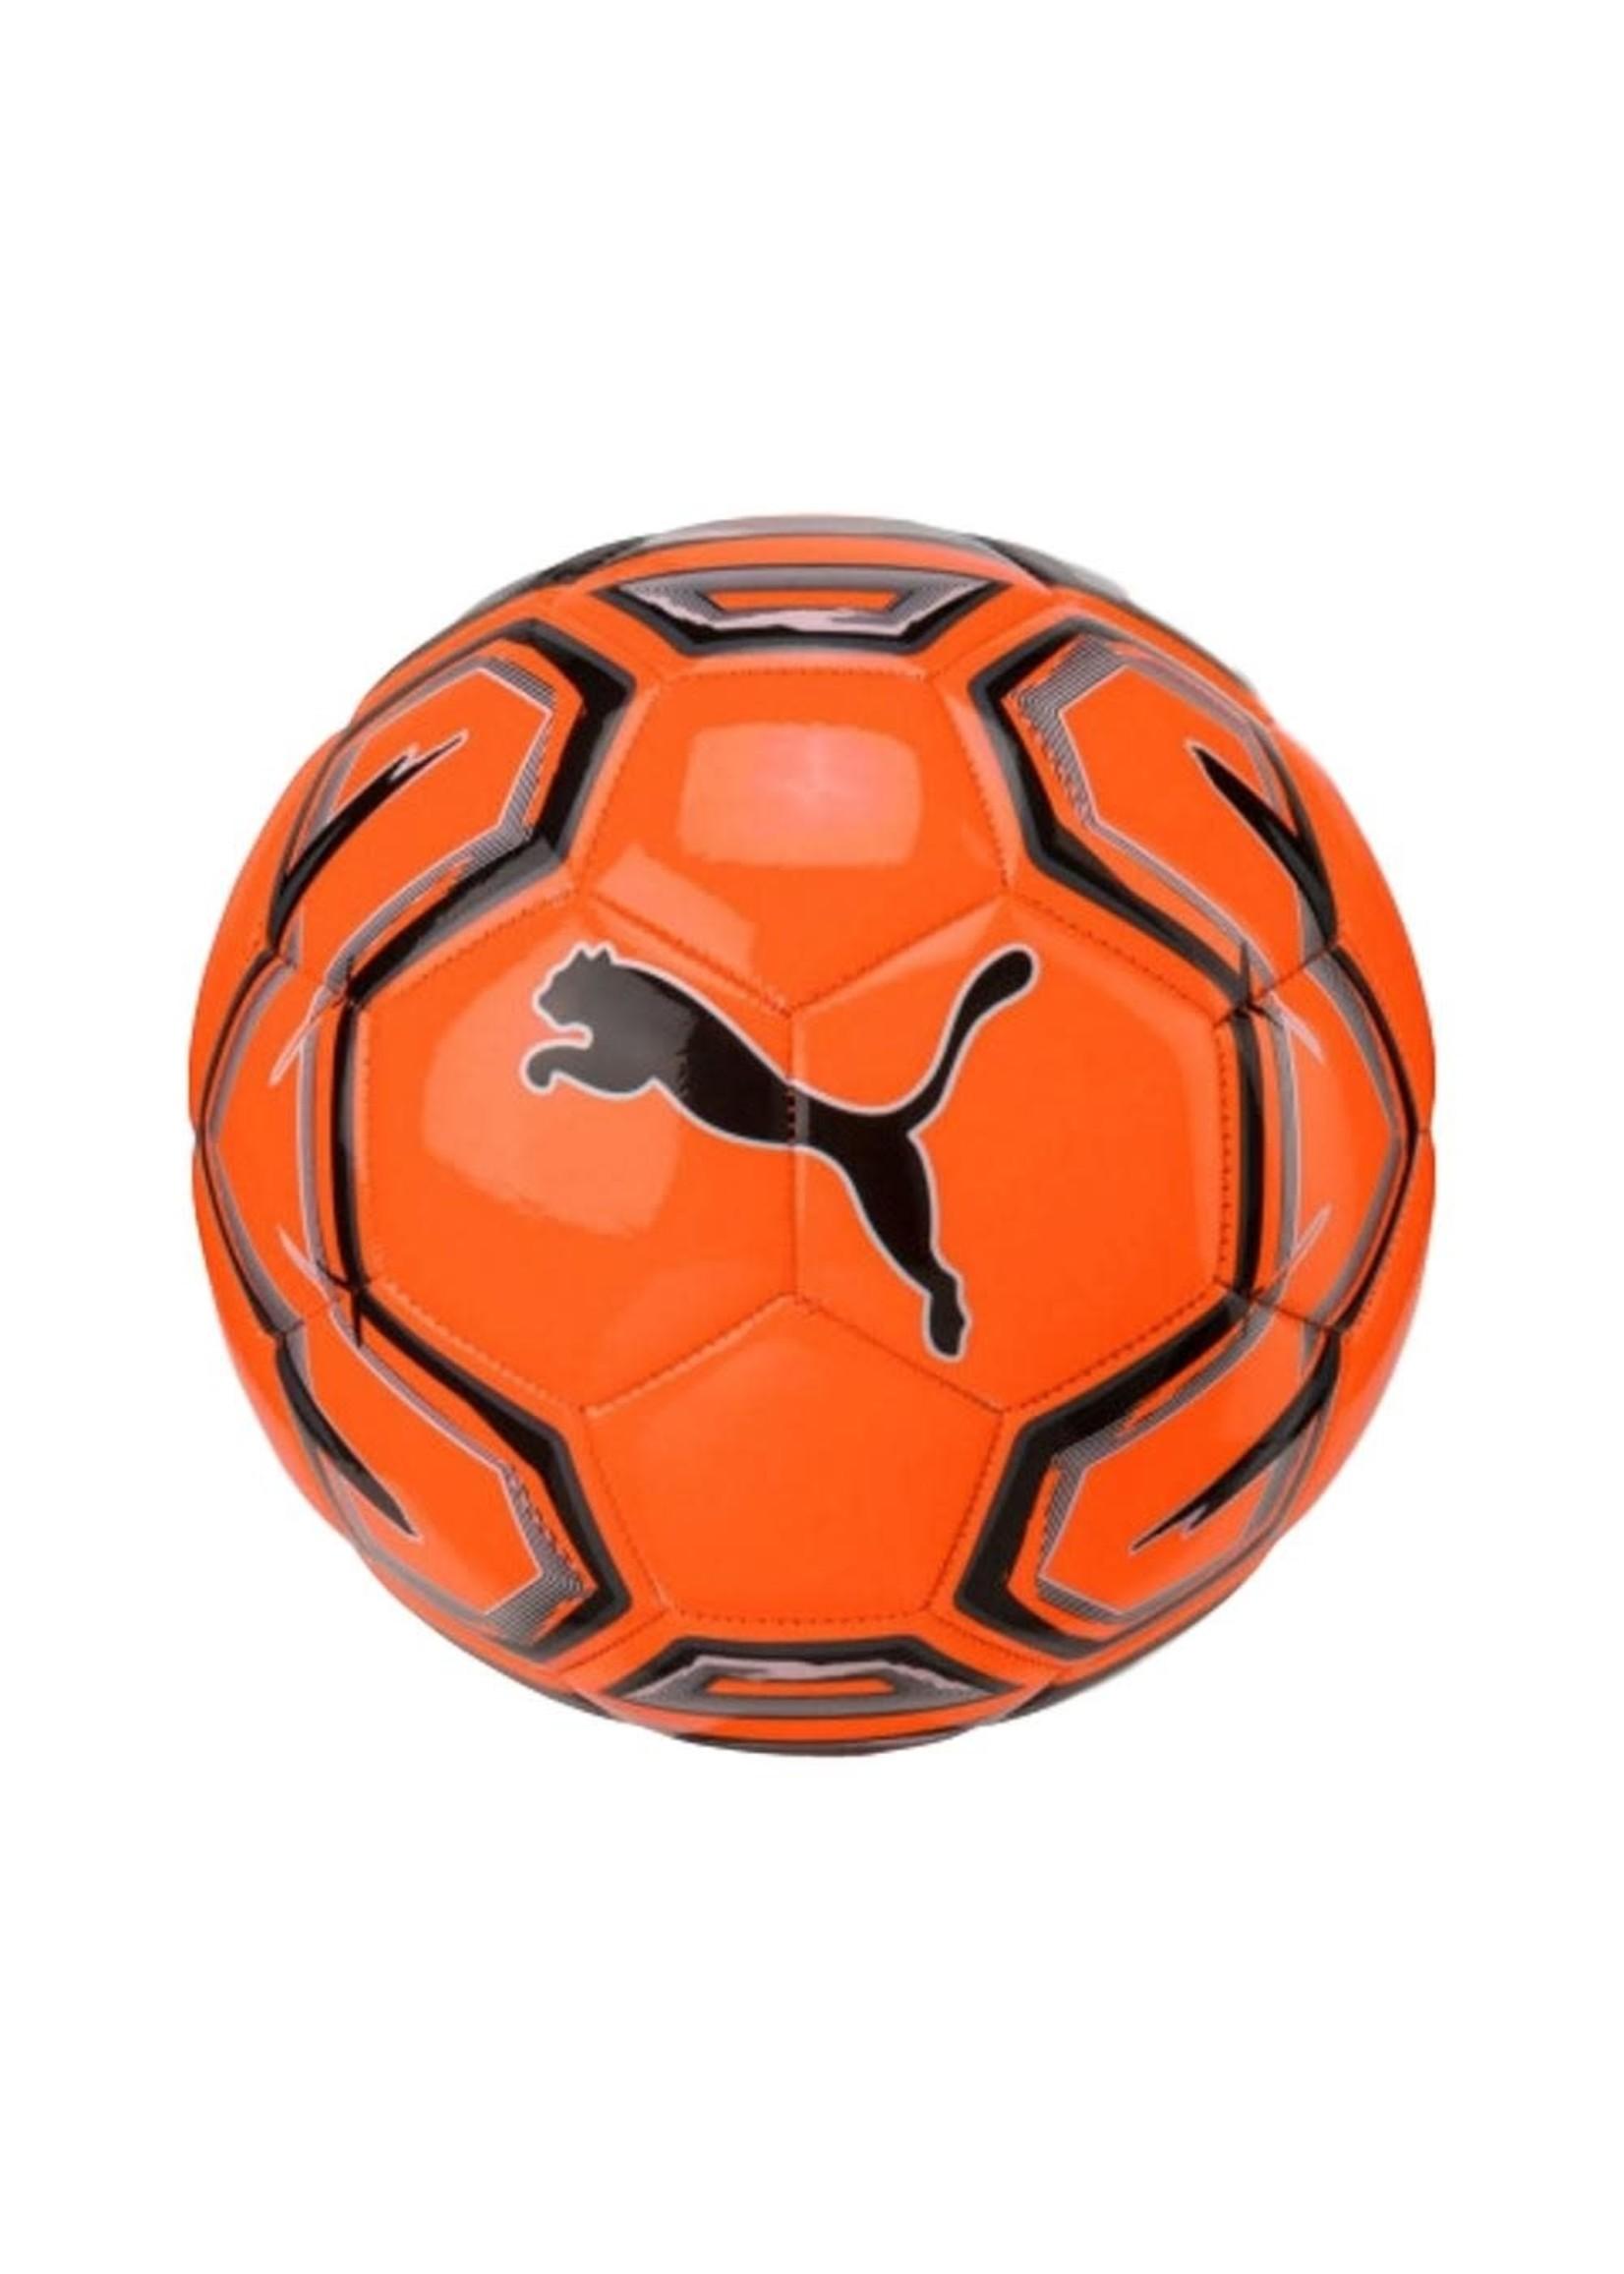 Puma Futsal 1 Trainer MS Ball 082974 02